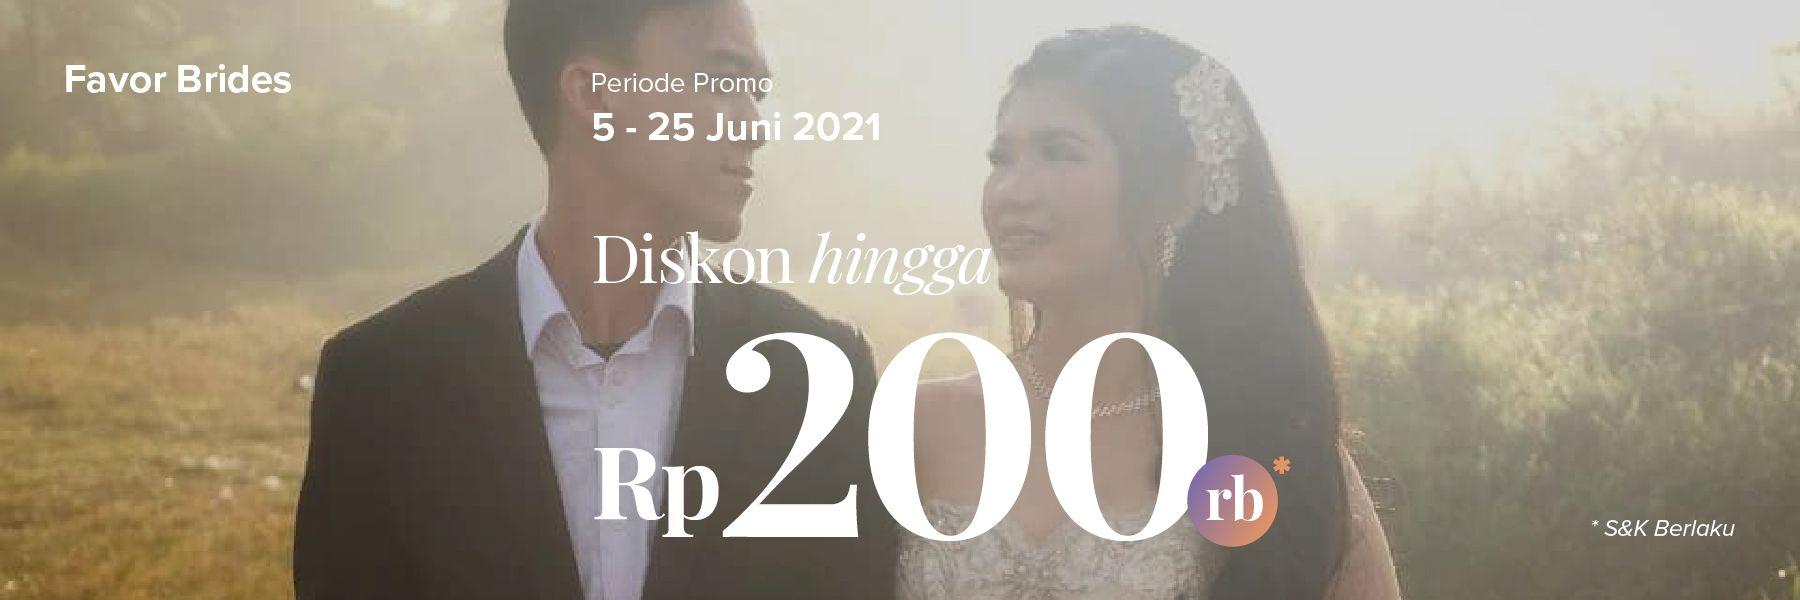 Diskon Paket Bridal Sampai Rp 200.000 di Favor Brides!